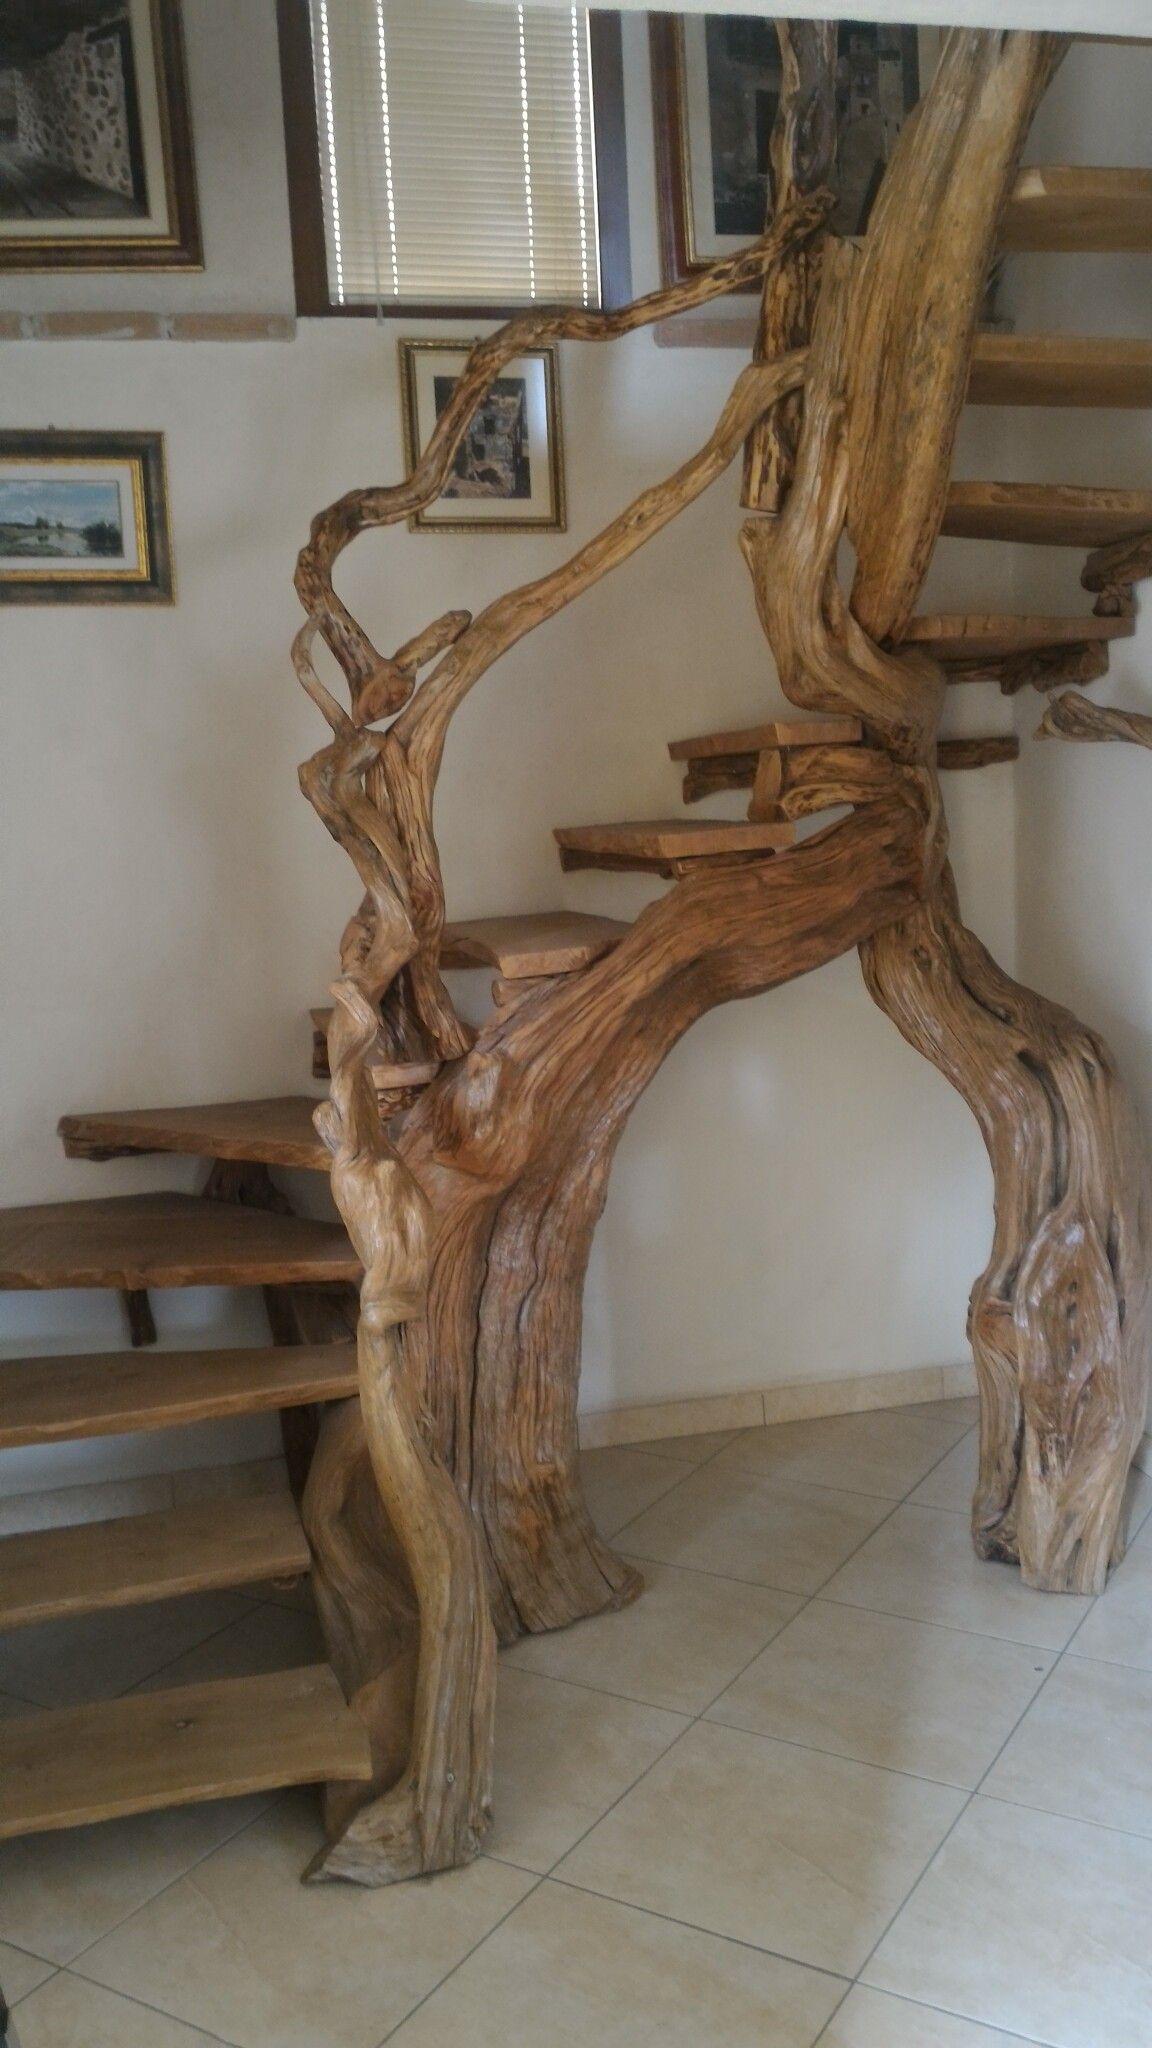 Ringhiera Scala Fai Da Te scala fai da te con legno di ginepro e spiccate capacità